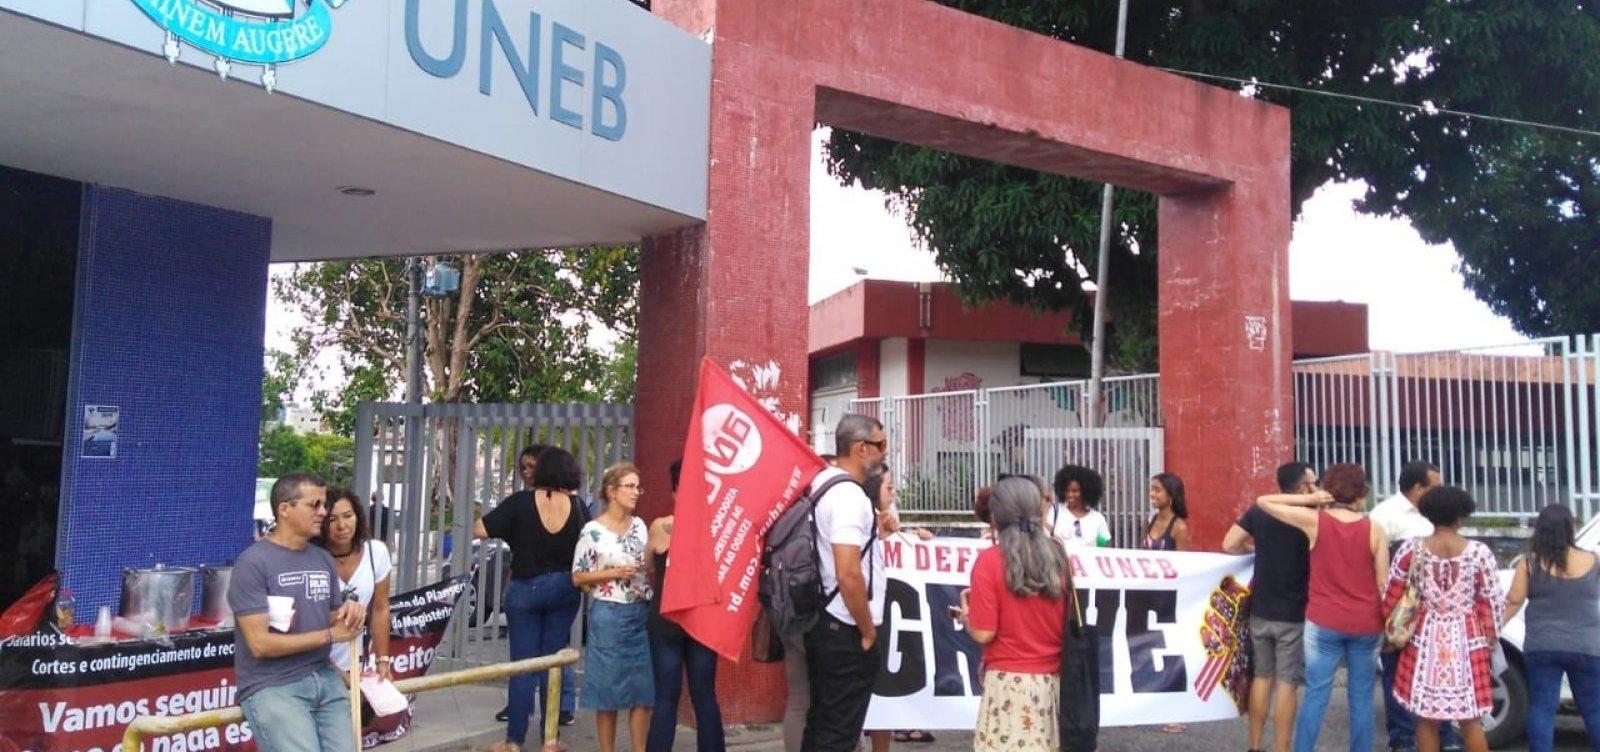 Coordenadora da Aduneb diz que recurso anunciado por Rui 'não atendeuem nada a pauta dos professores'